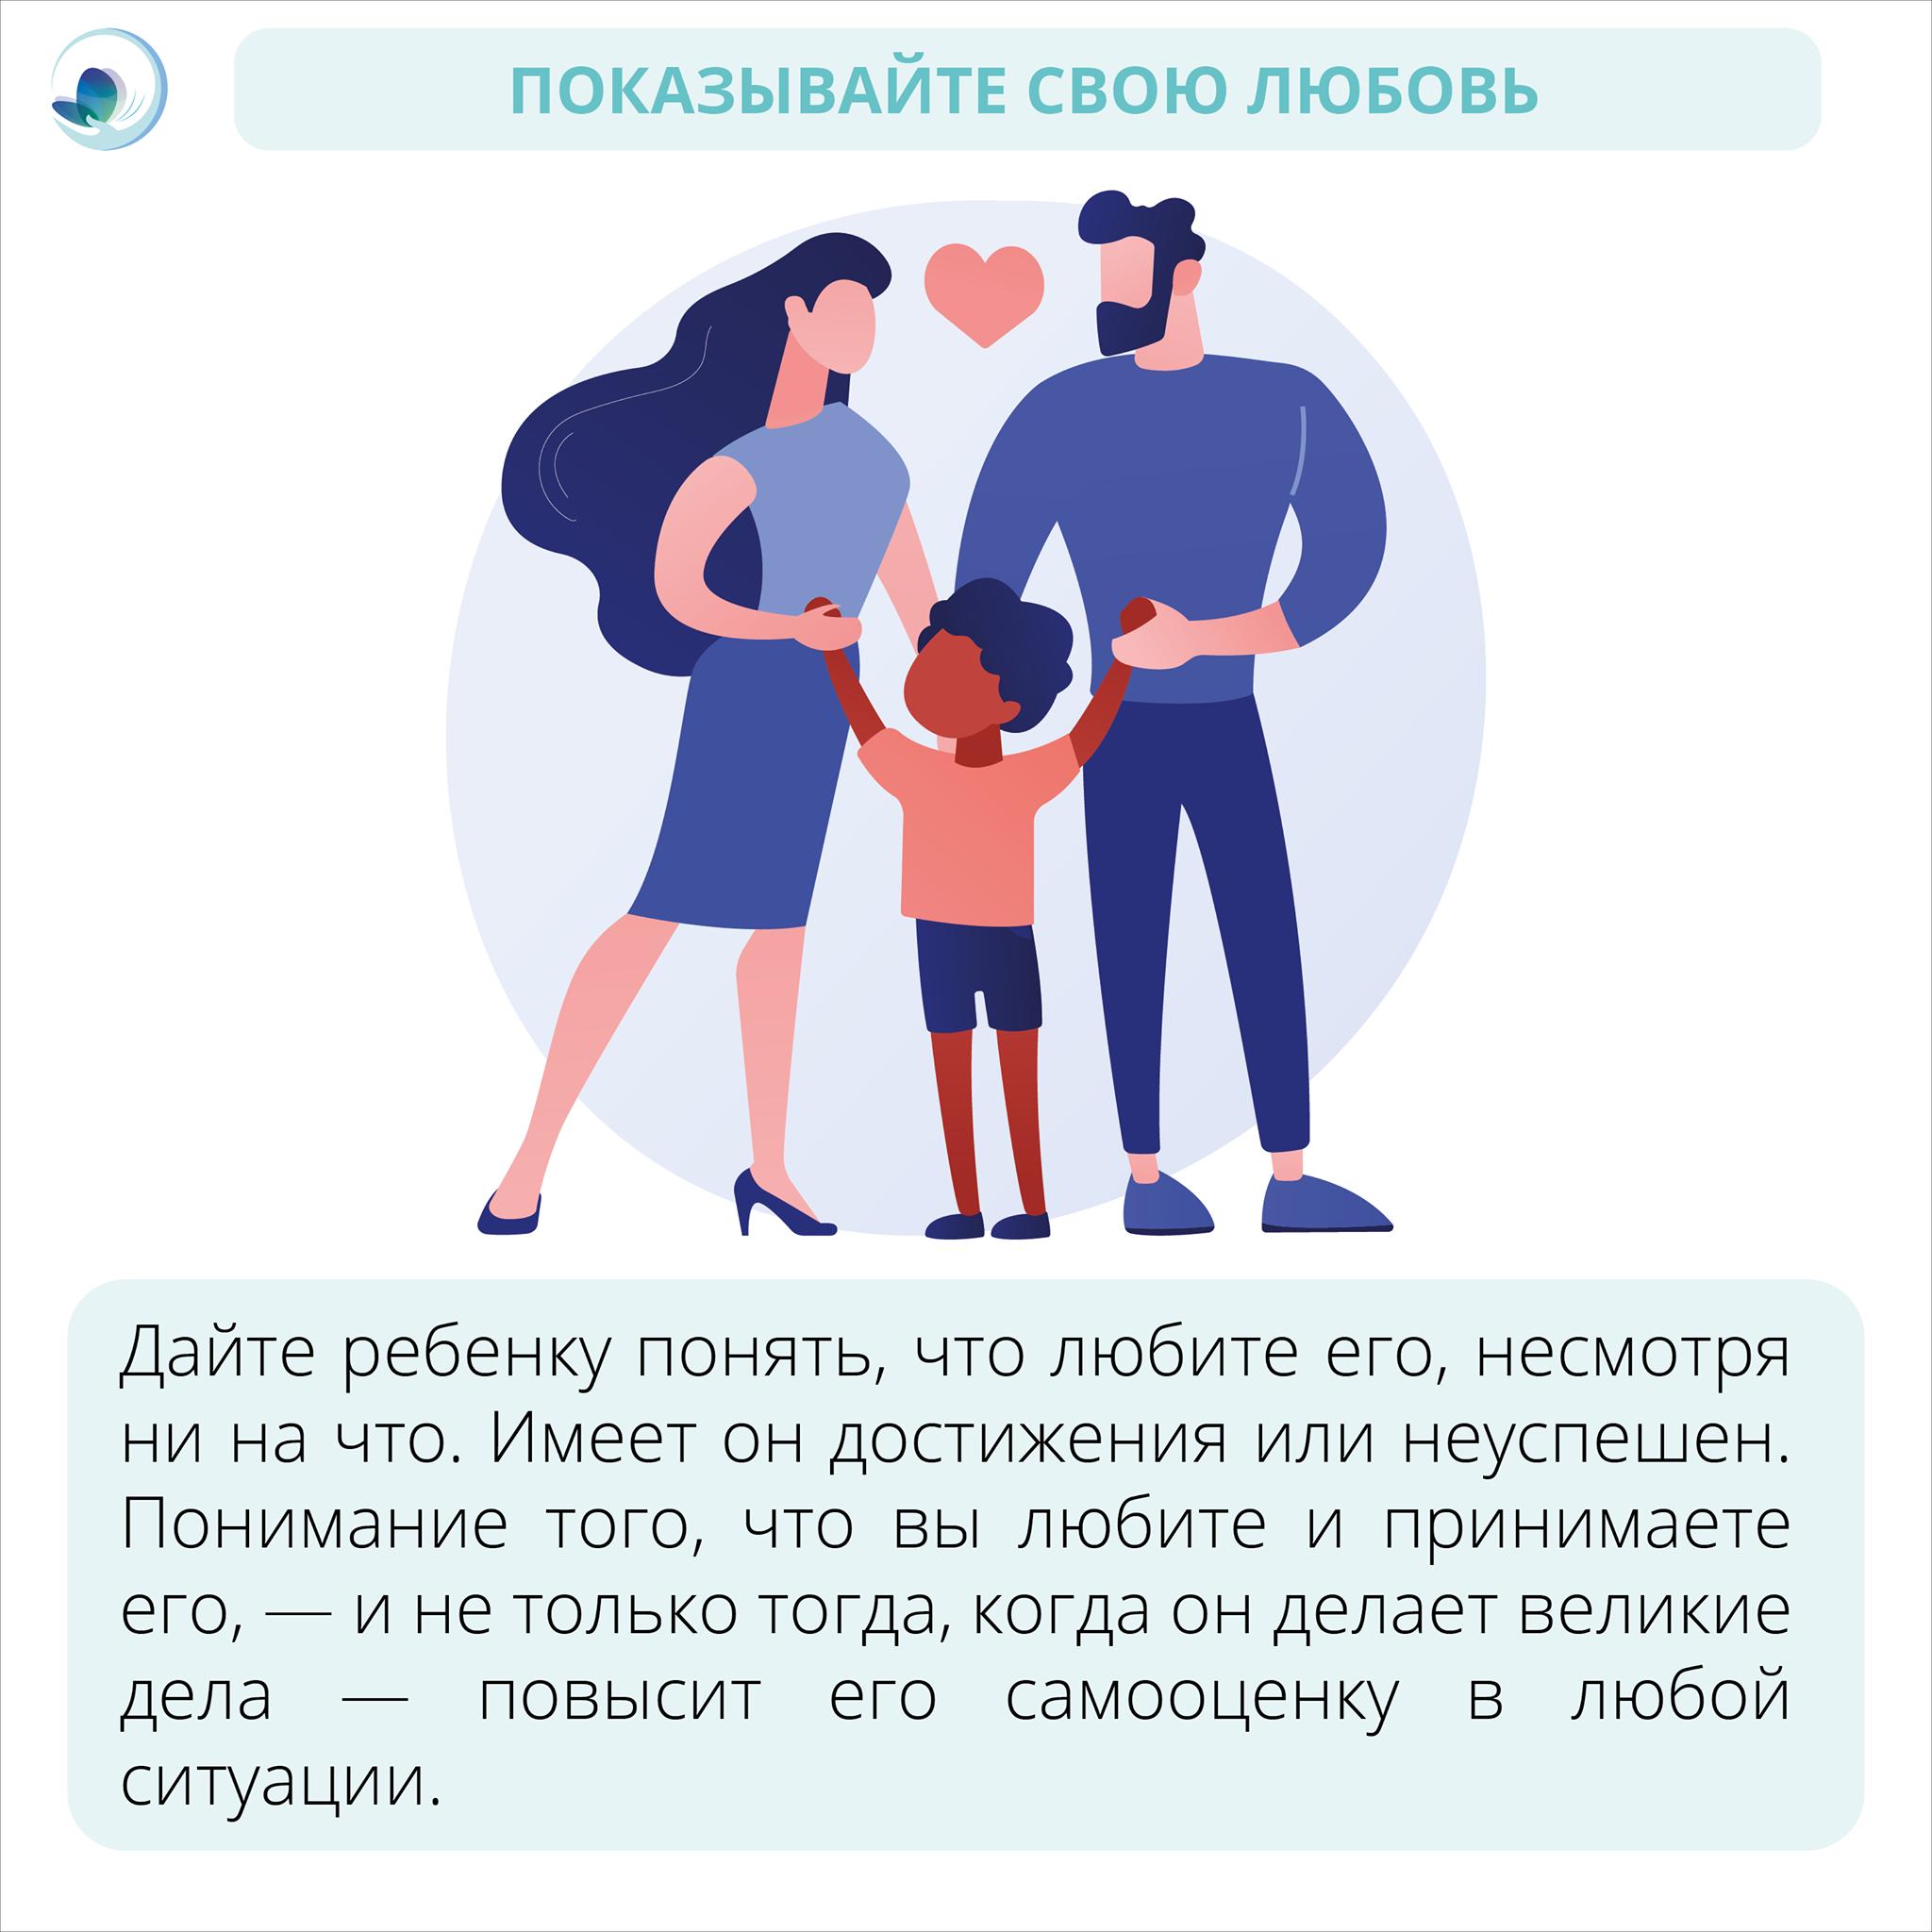 9 рекомендаций для воспитания уверенных в себе детей